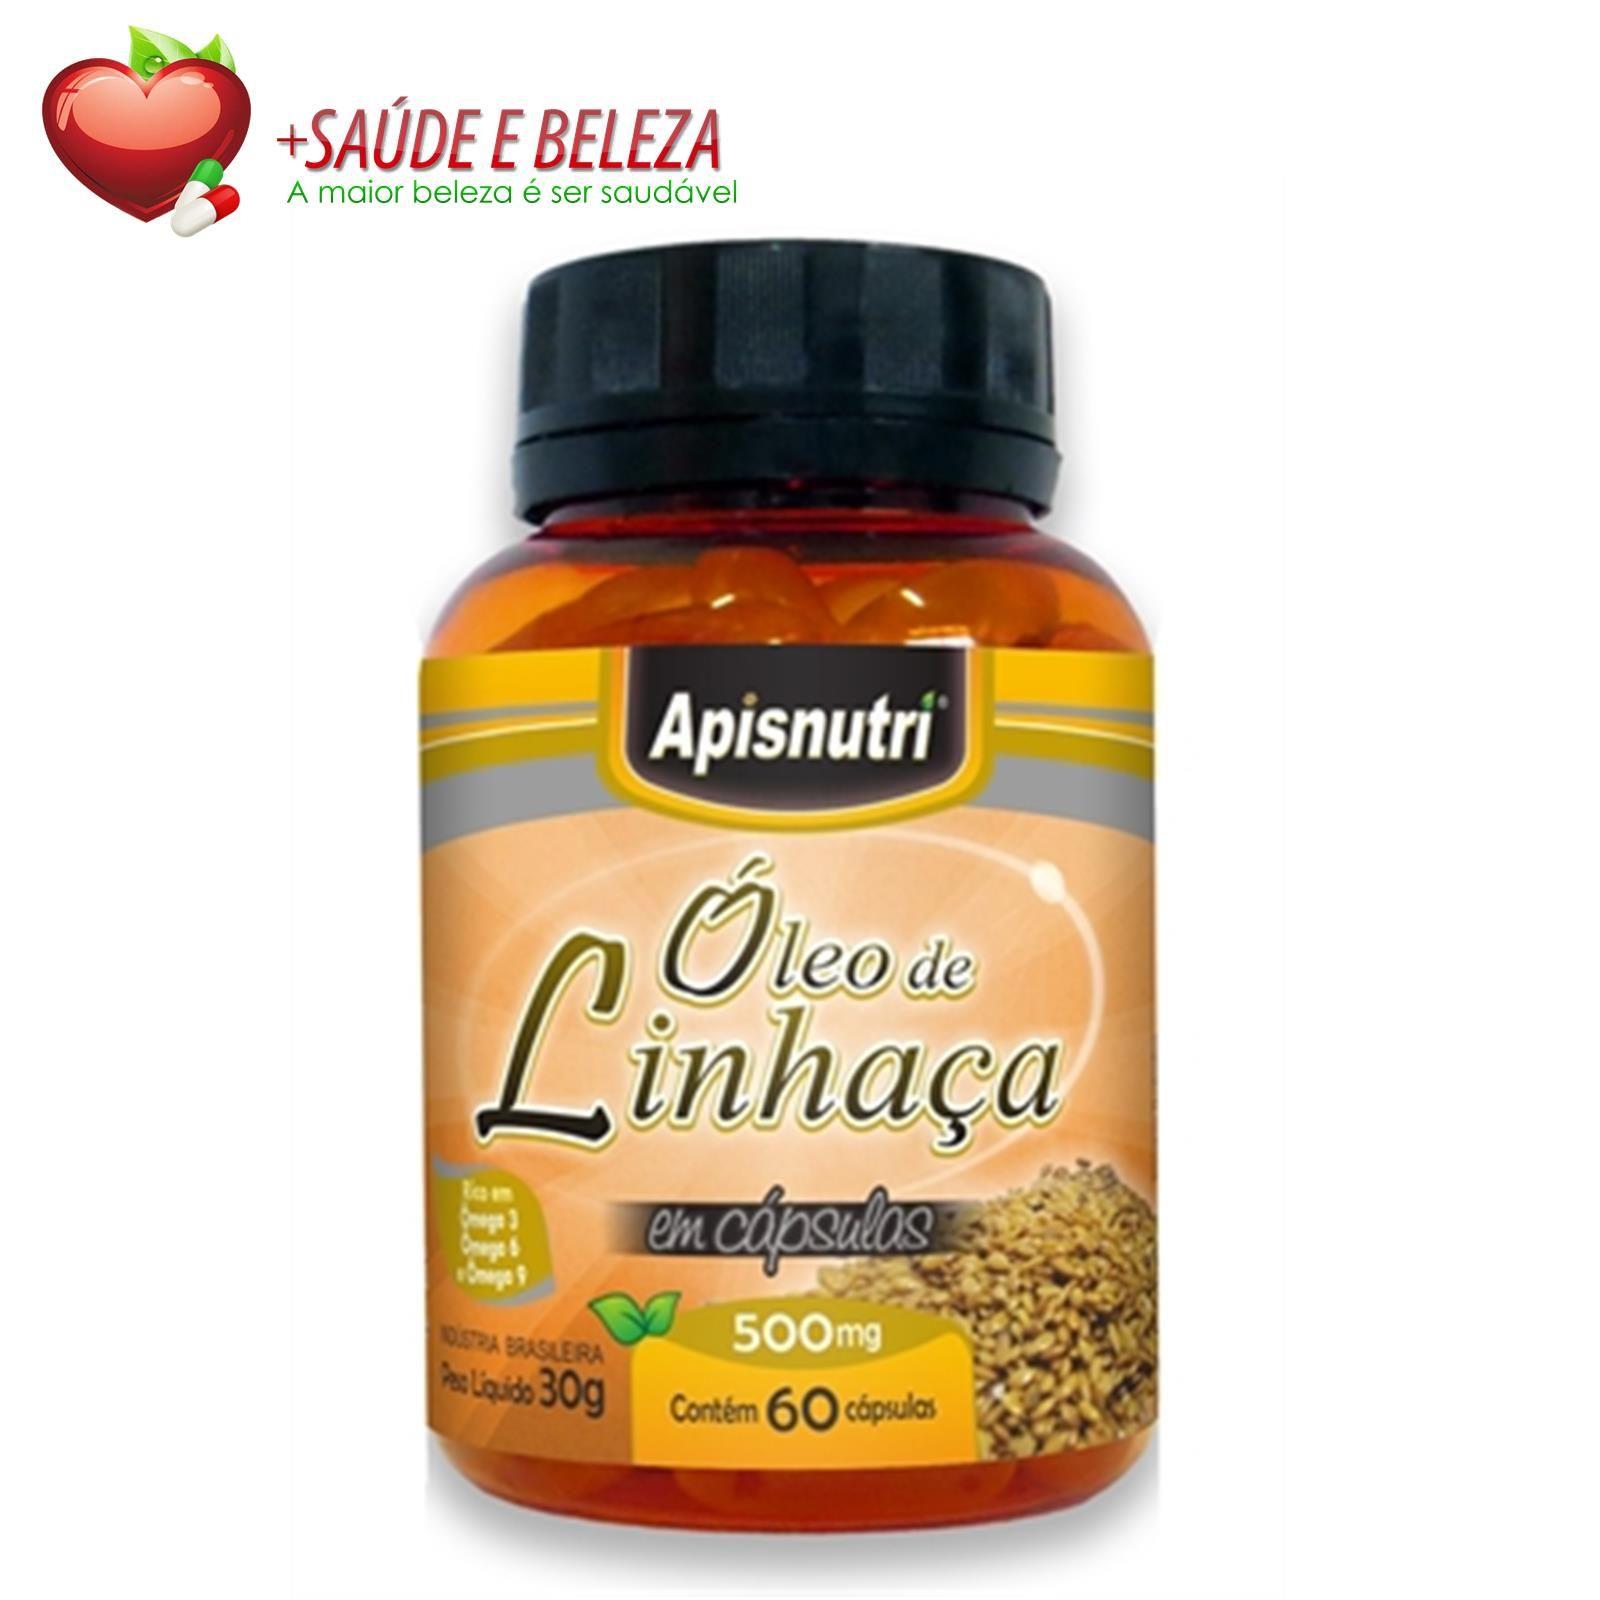 O Óleo de Linhaça é rico em ômega 3, 6, 9 e ácido graxos, por isso o Óleo de Linhaça auxilia na prevenção de doenças cardiovasculares, contribui para o bom funcionamento celular afastando o envelhecimento precoce e diminuindo dores musculares devido a exercícios físicos, além de ser anti-hipertensivo. http://www.maissaudeebeleza.com.br/p/390/oleo-de-linhaca-c60-capsulas-com-500mg?utm_source=facebook&utm_medium=link&utm_campaign=%C3%93leo+Linhaca&utm_content=post